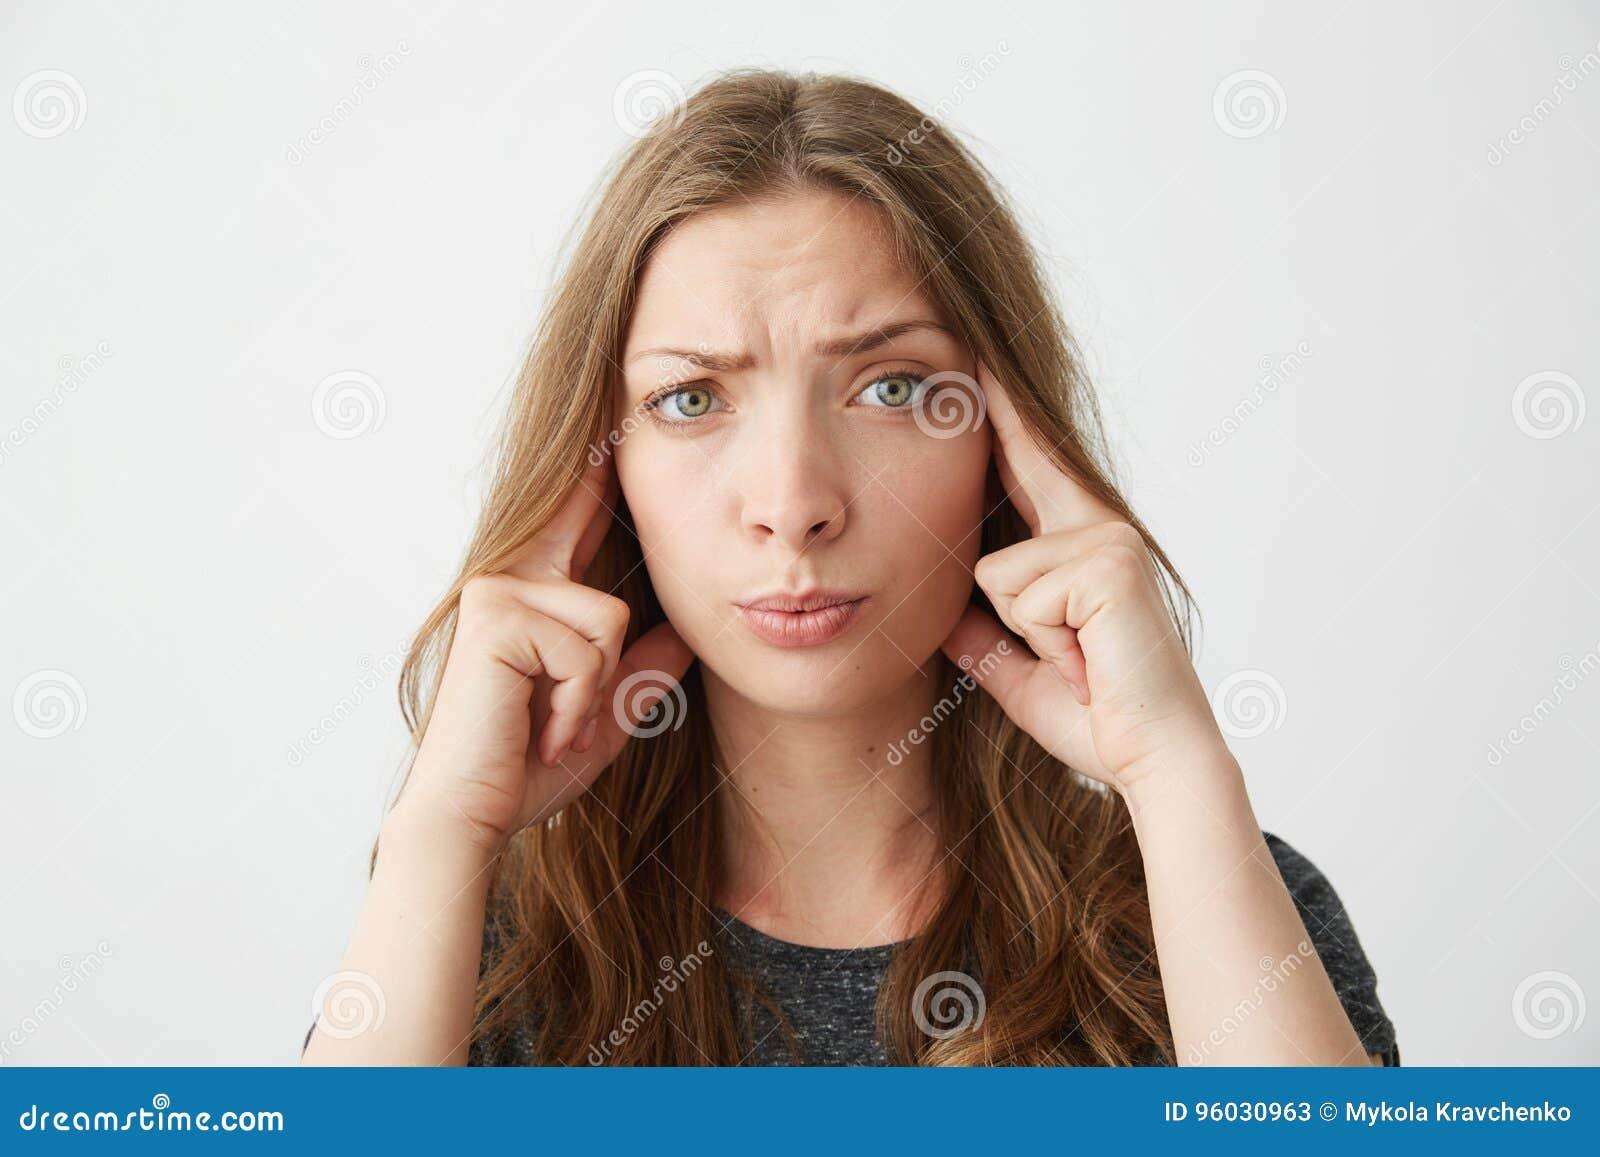 Młody piękny dziewczyny główkowanie z palcami na świątyniach patrzeje kamerę nad białym tłem